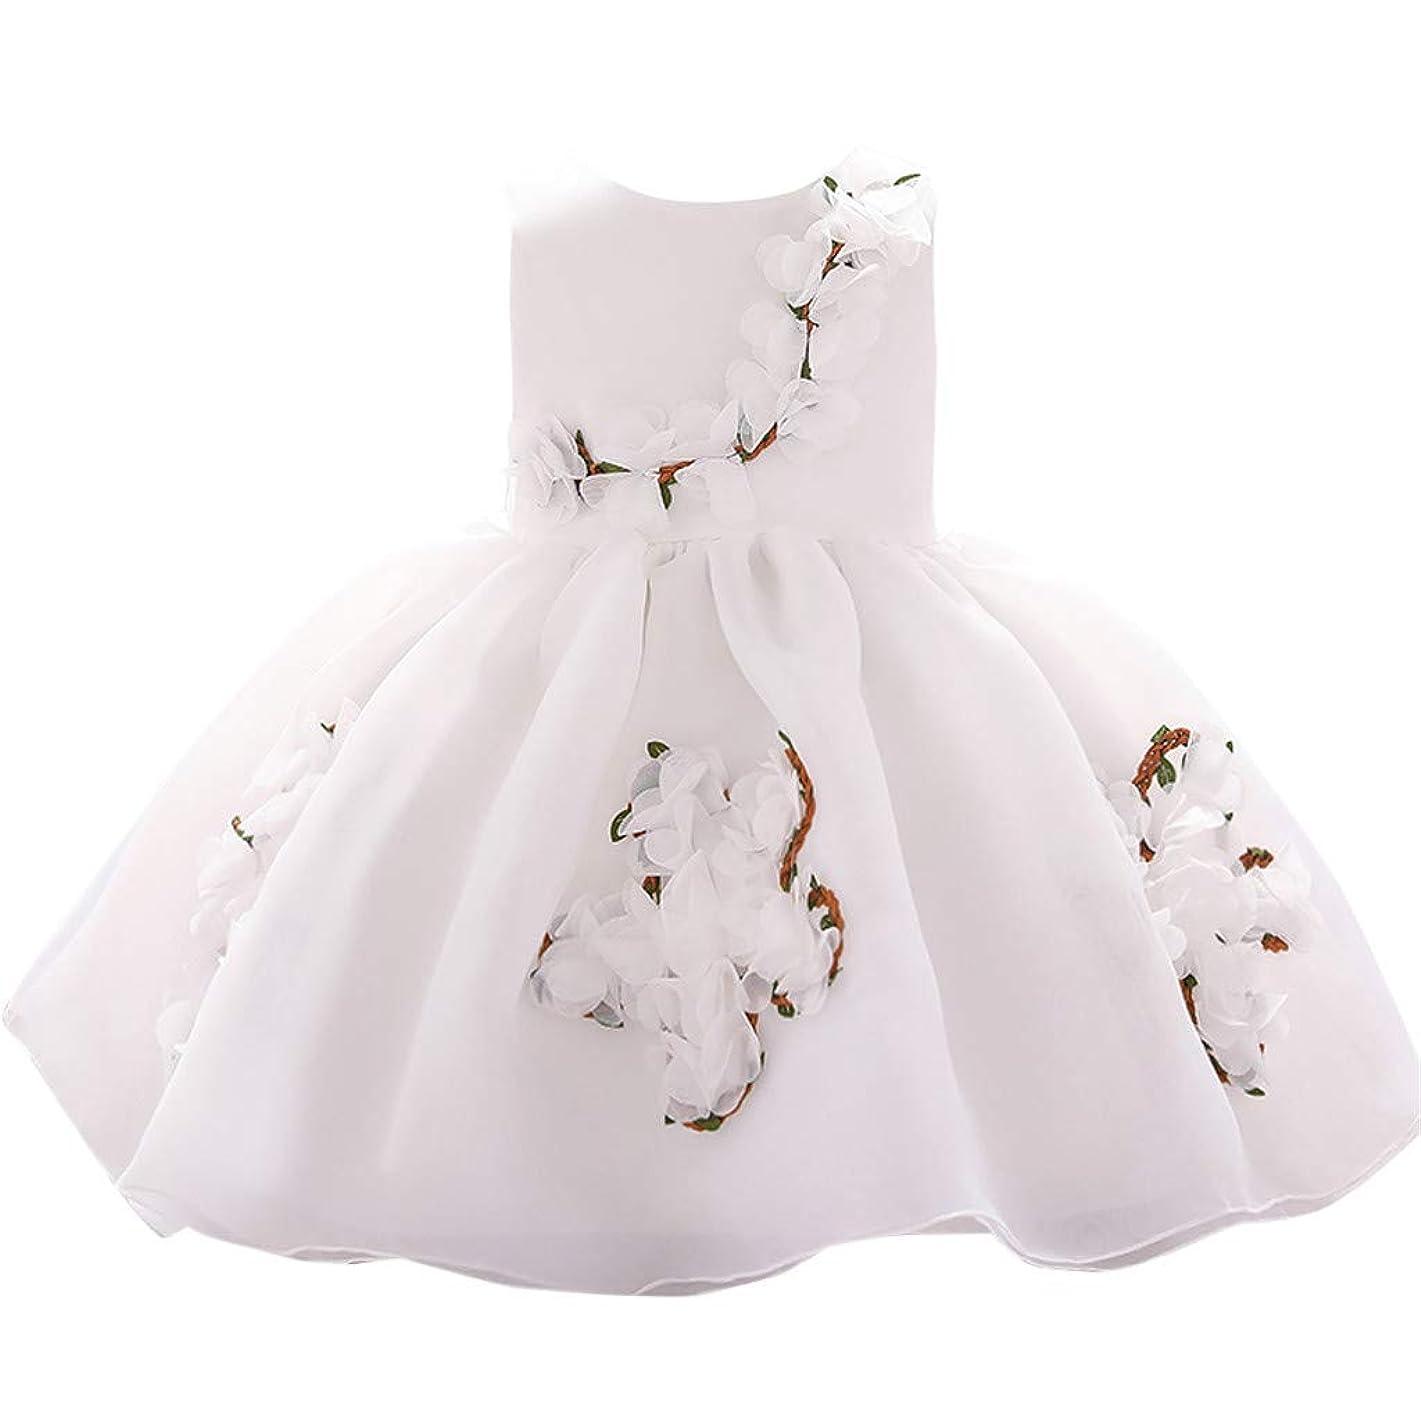 Diufon Girls Dress, Children's Sleeveless Dress Skirt Sweet Flower Princess Dress Wedding Tutu Dress